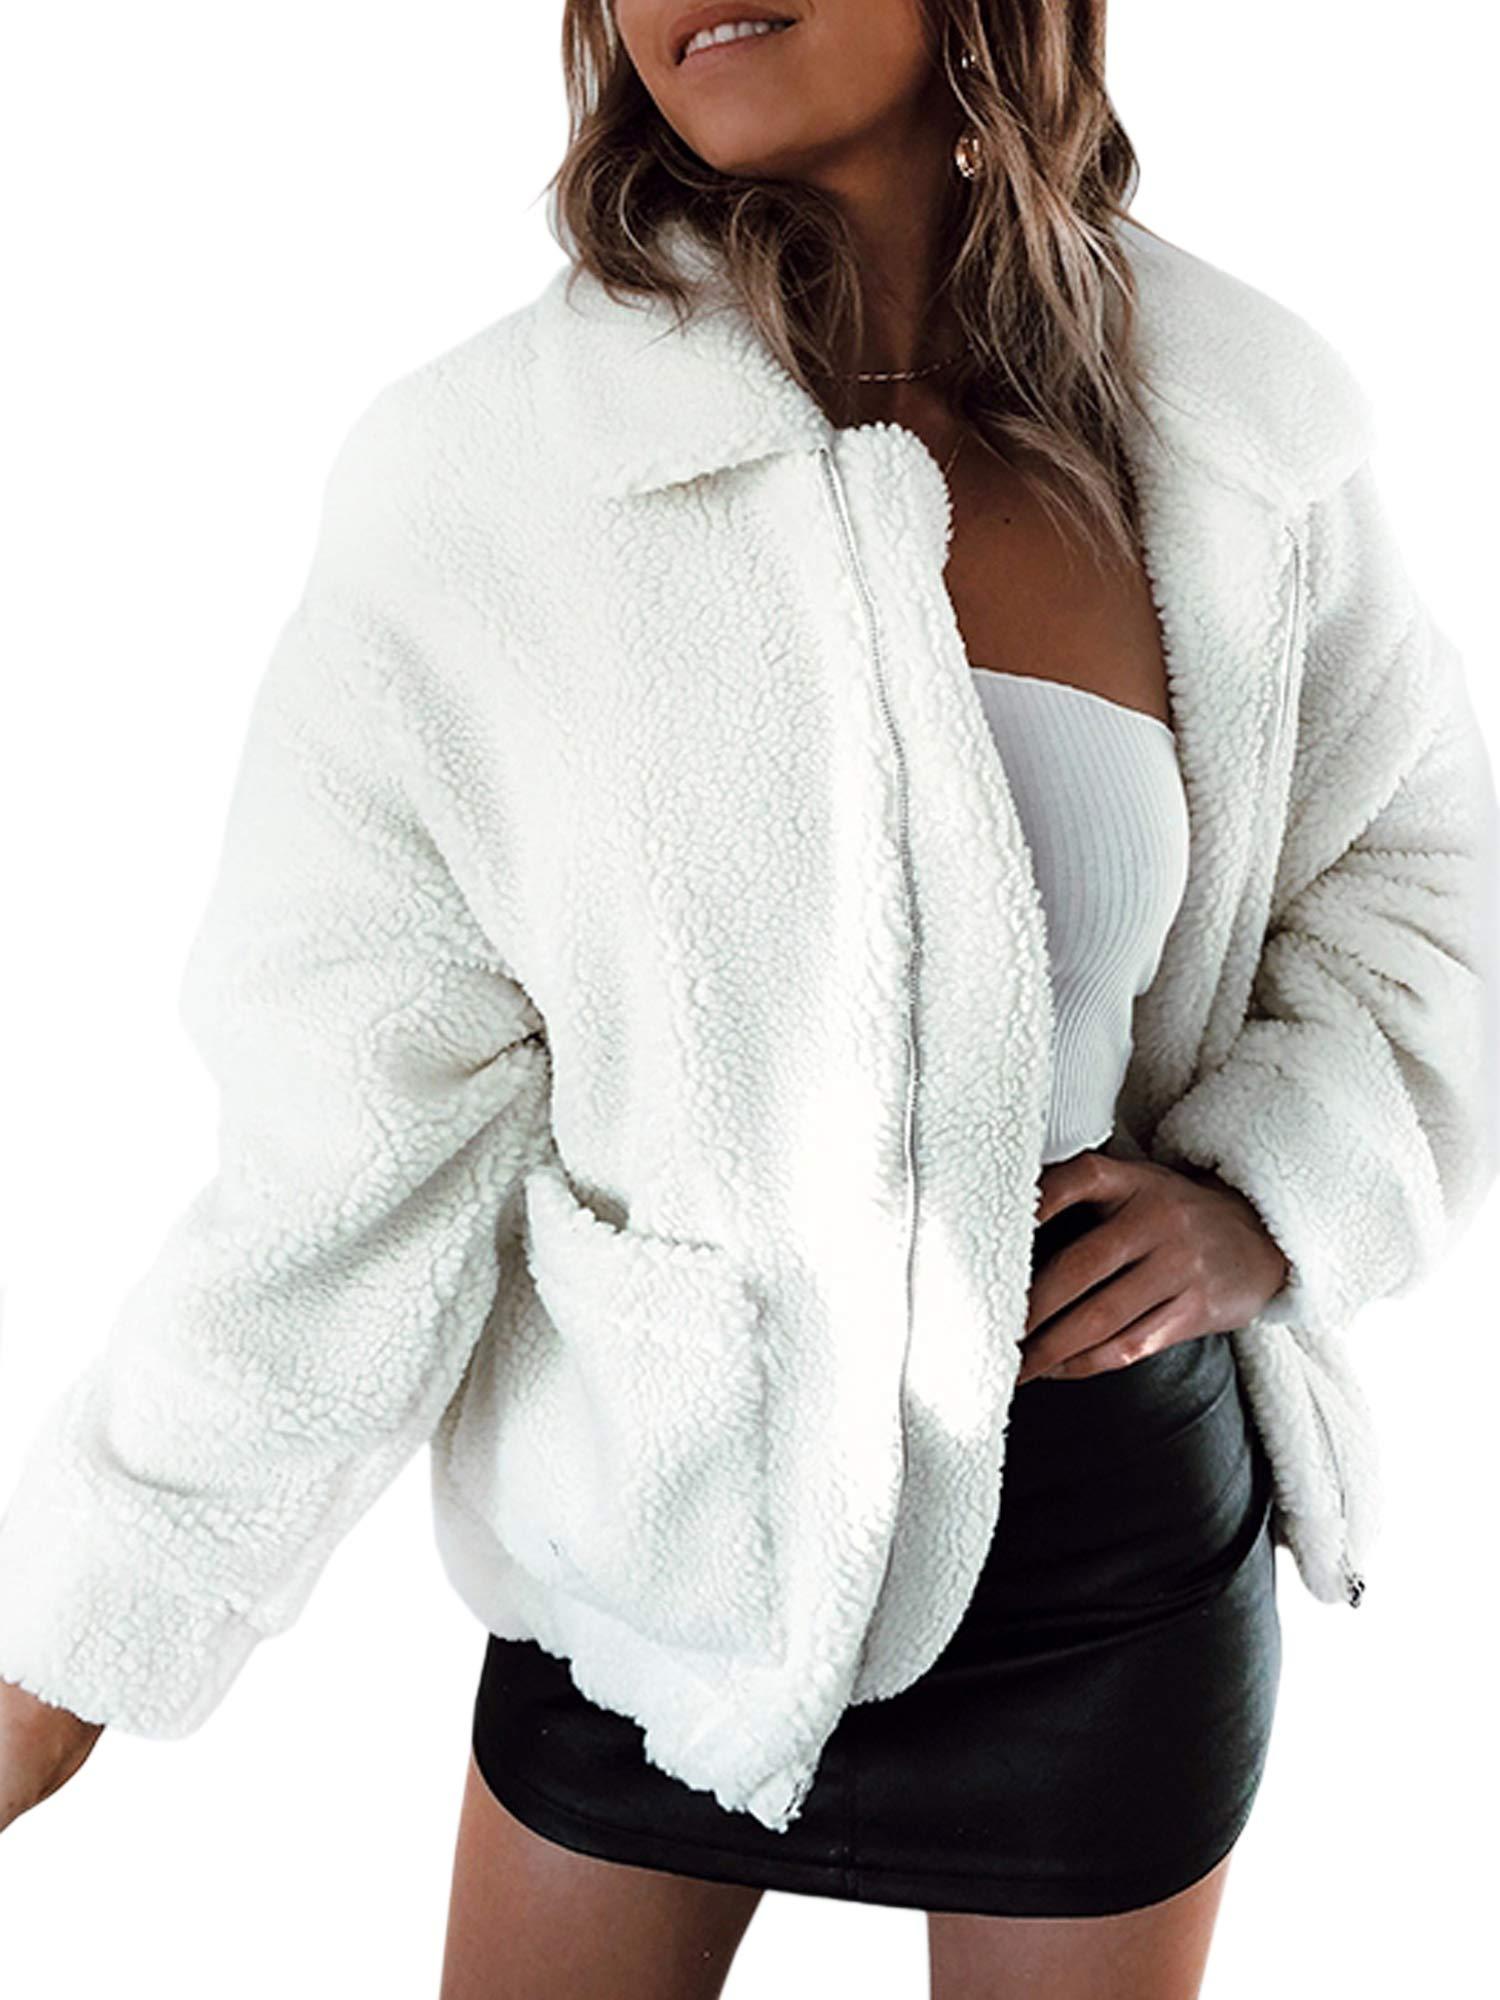 ECOWISH Women's Coat Casual Lapel Fleece Fuzzy Faux Shearling Zipper Warm Winter Oversized Outwear Jackets White_1 XL